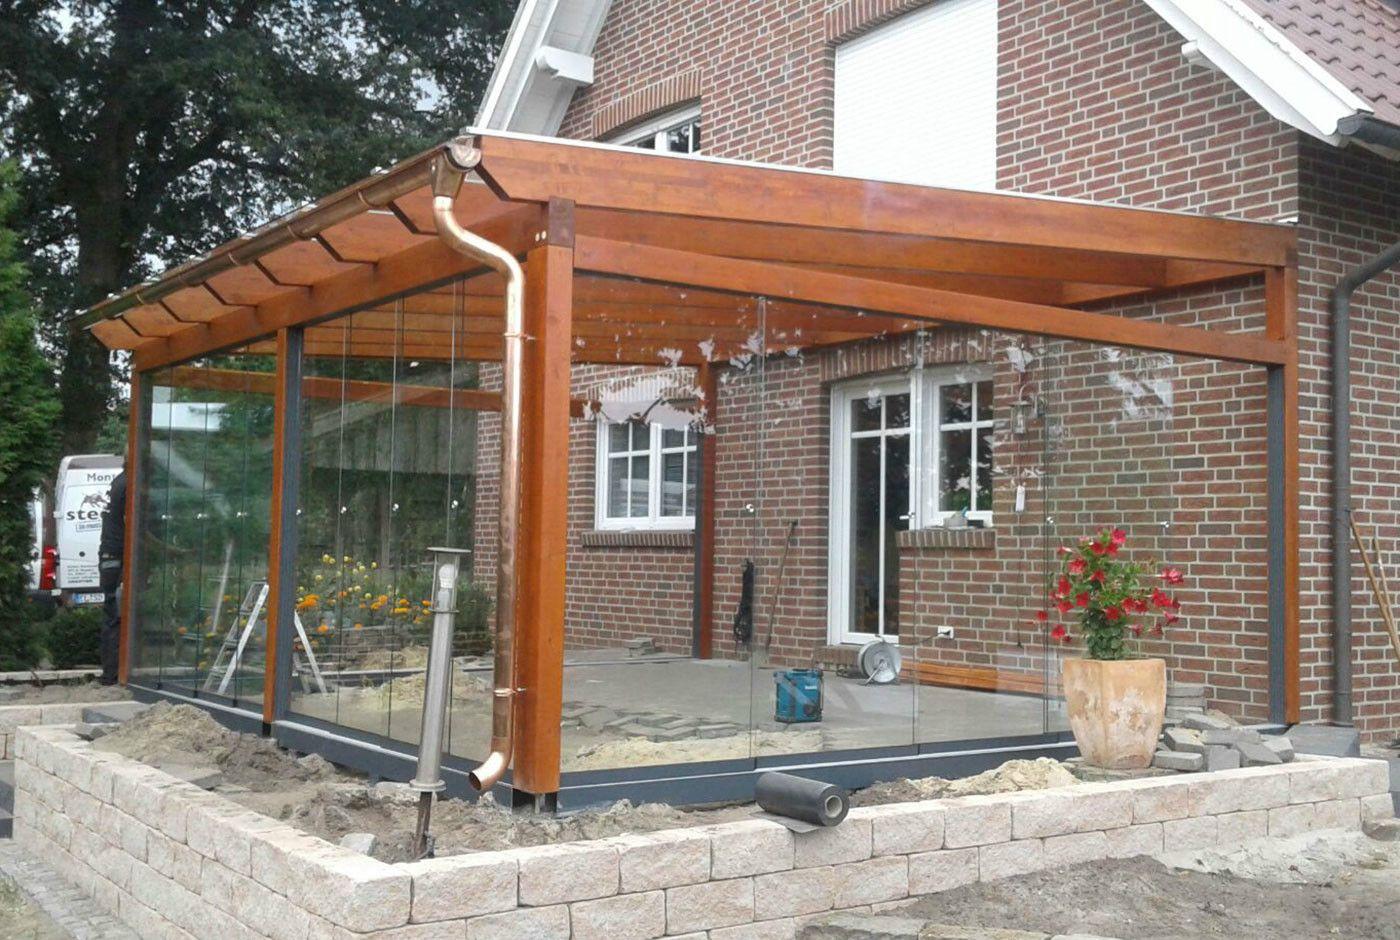 Terrassenuberdachung Freistehend Aus Holz Online Bestellen